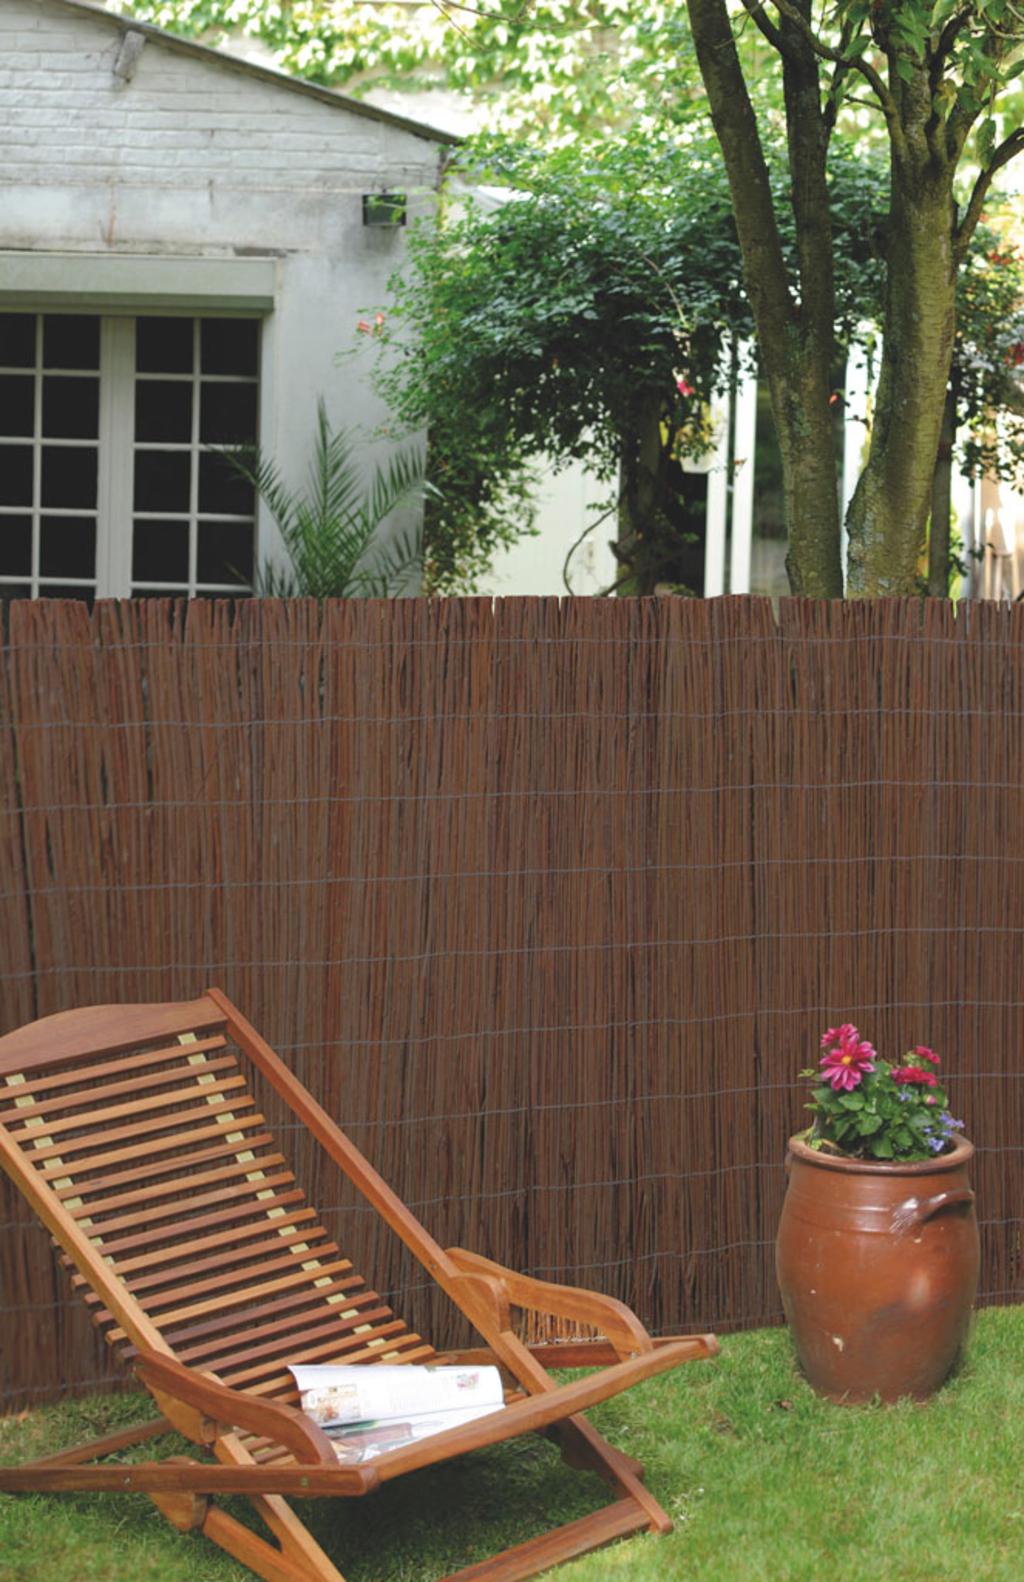 Brise Vue A Faire Soi Meme 6 idées de brises-vues naturels pour votre jardin, terrasse